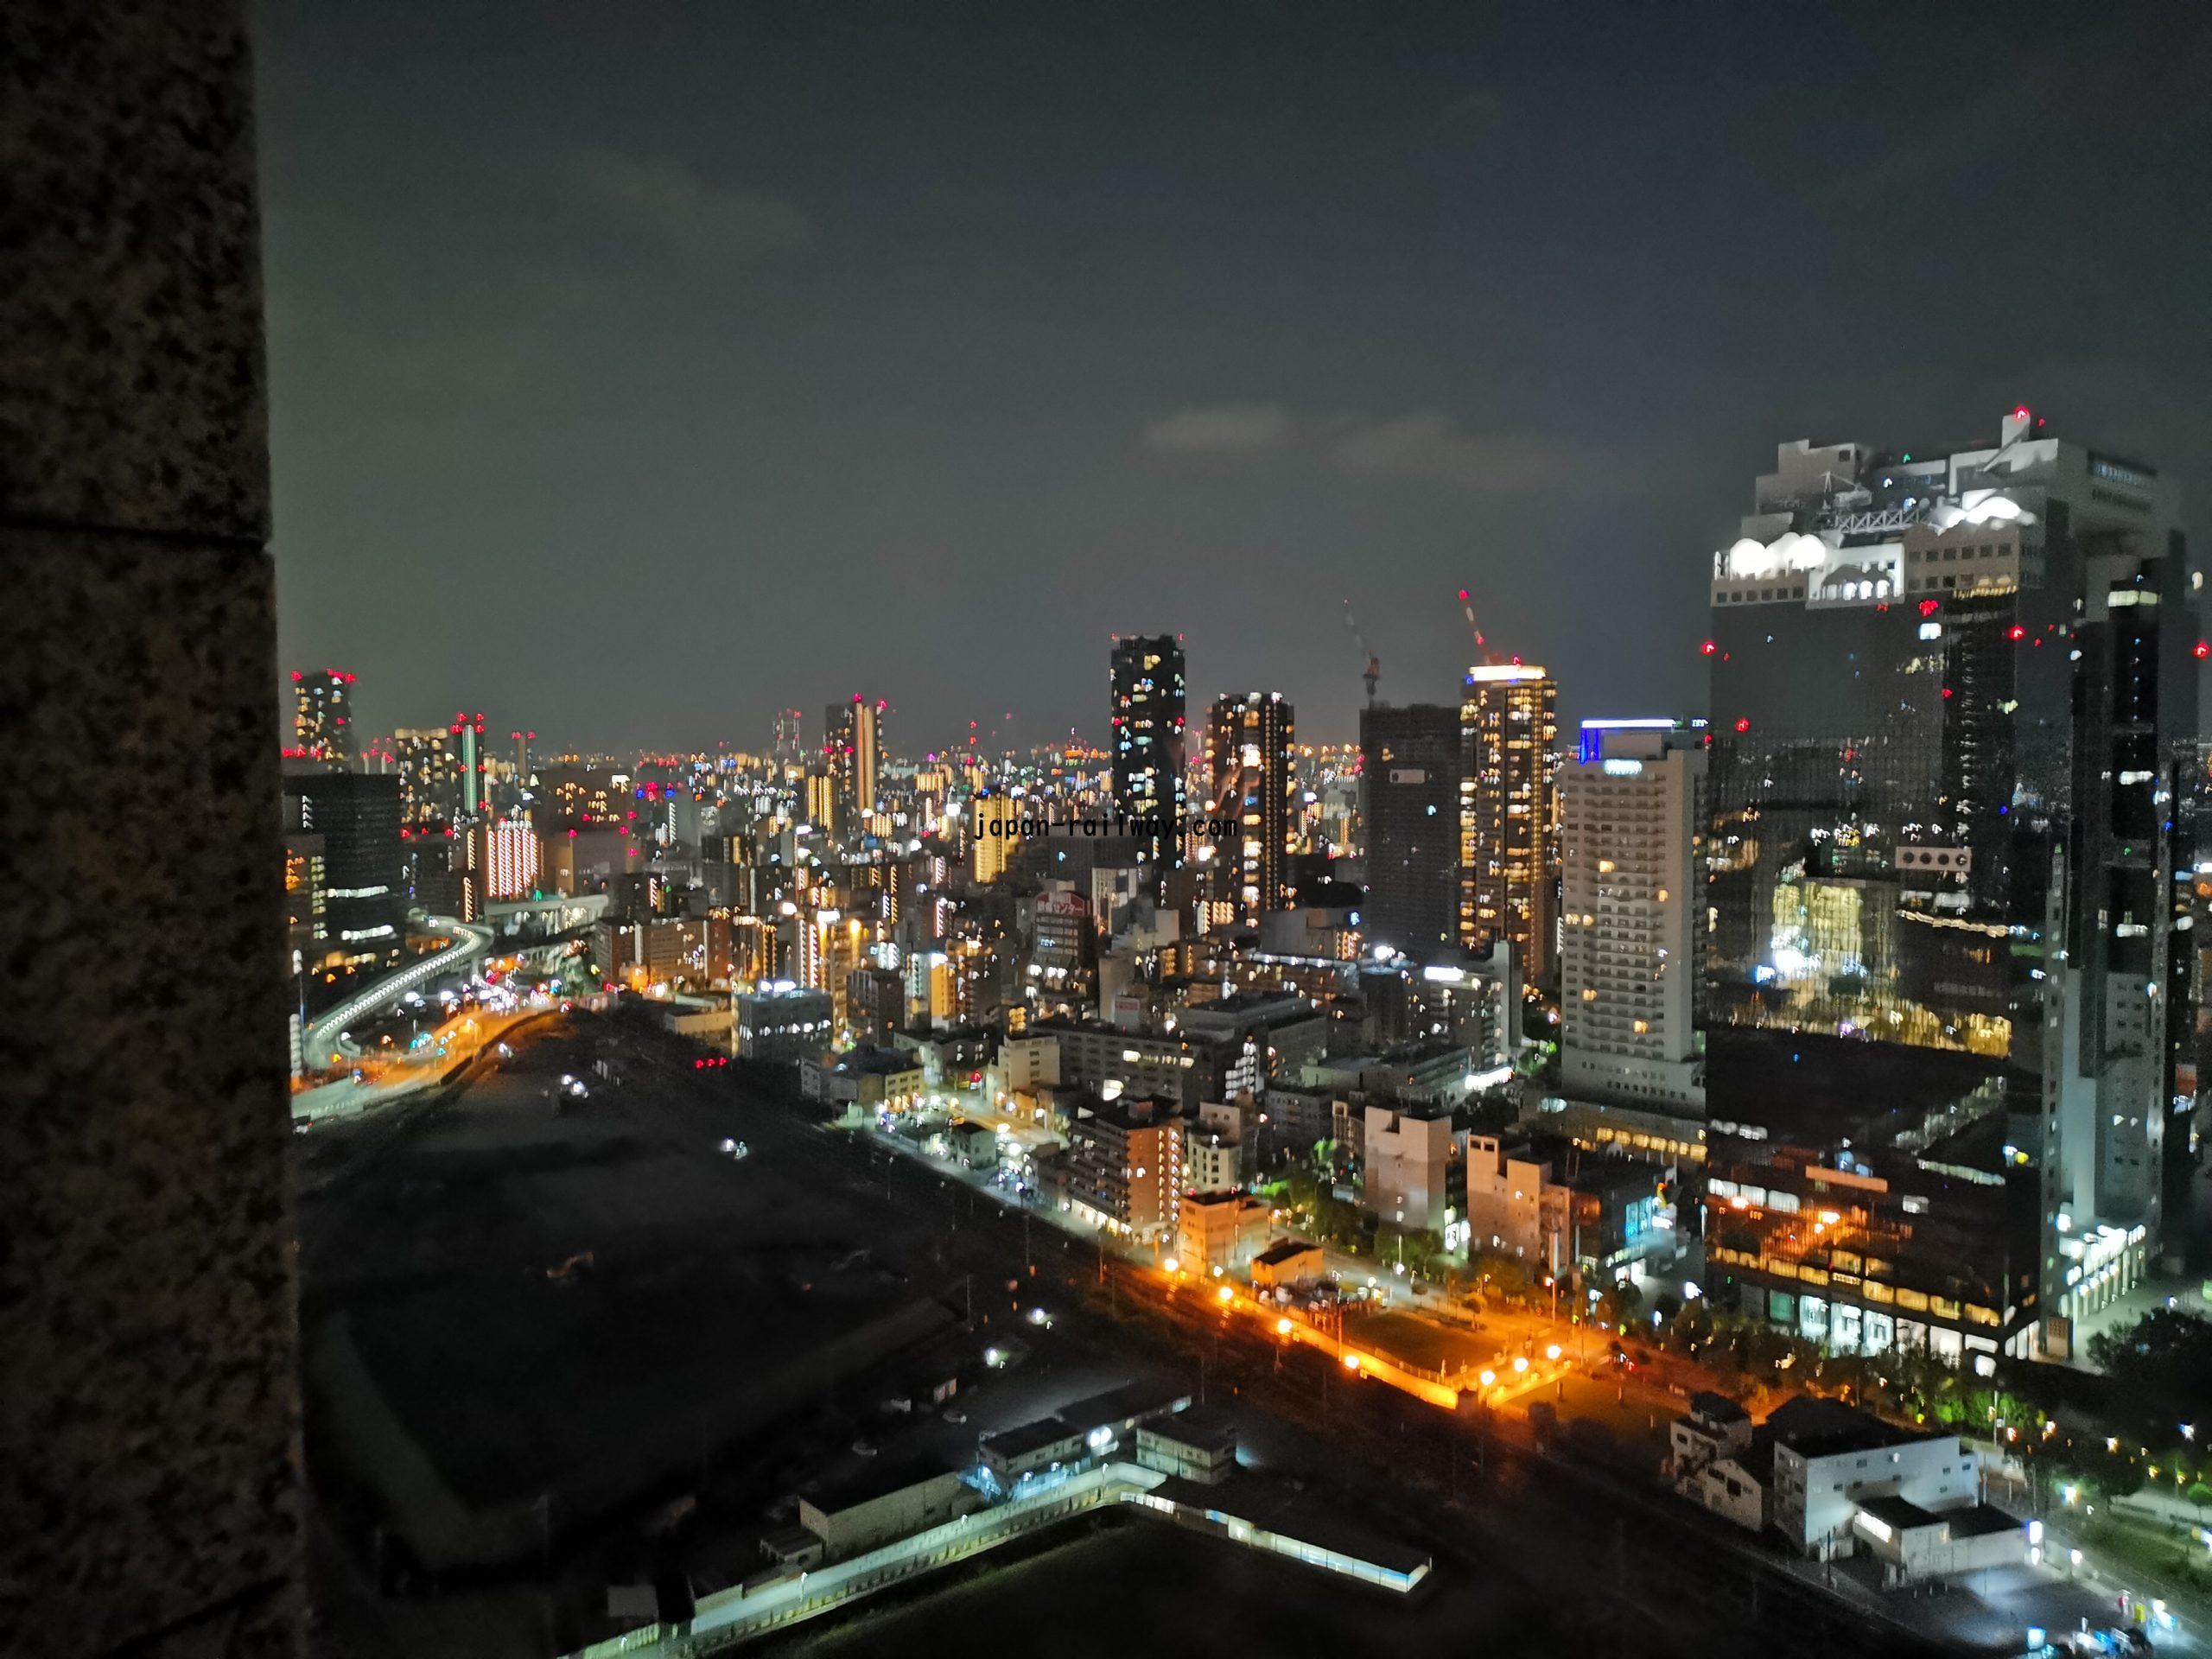 【ぷらっとのぞみ(ひさびさ旅割引)】東海道新幹線グリーン車往復で最高の旅行 高級ホテルが実質無料に